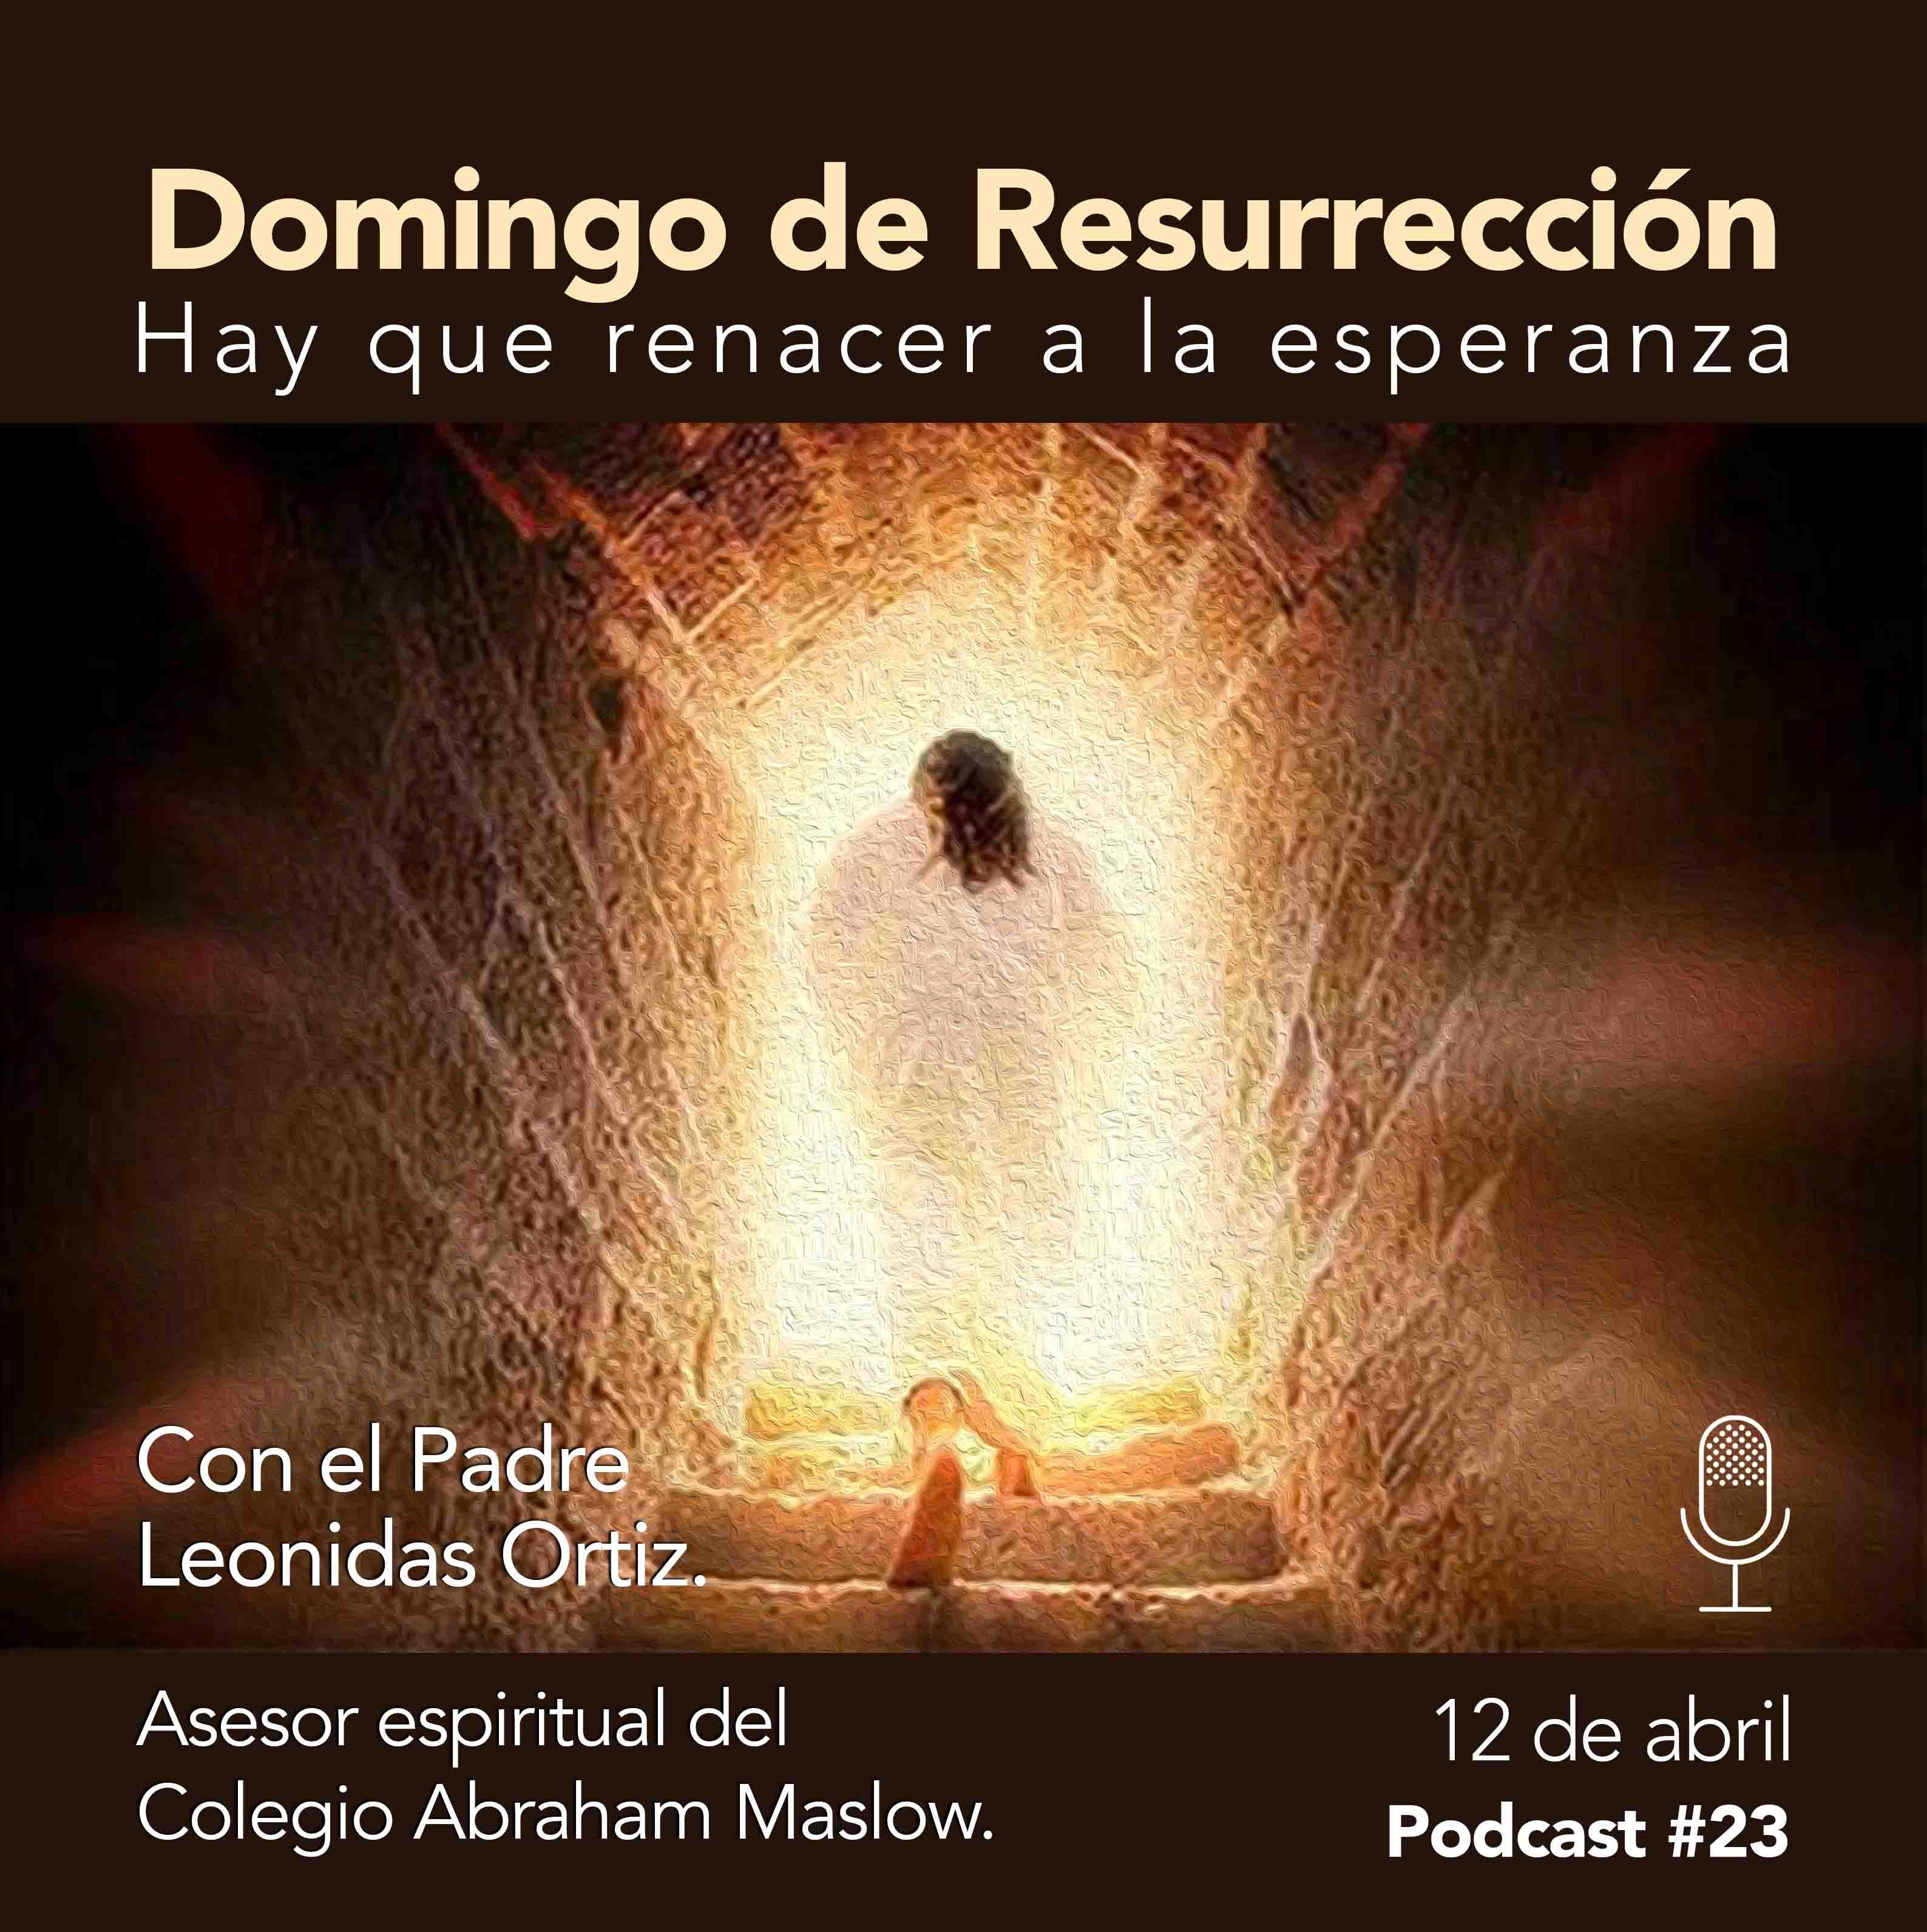 Podcast #23: Domingo de Resurrección. Hay que renacer a la esperanza.